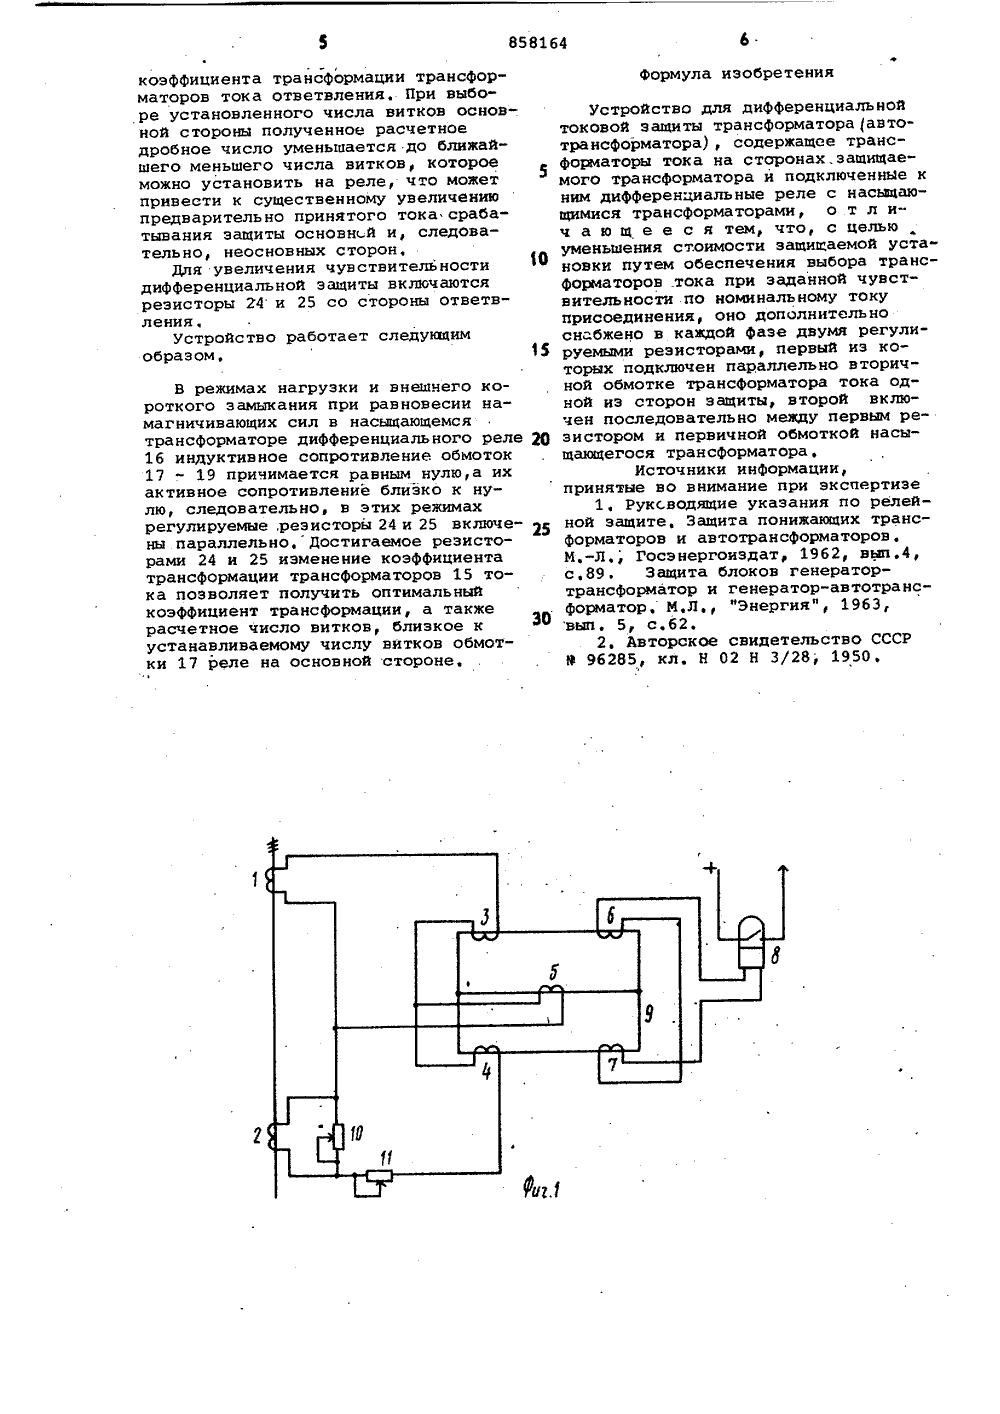 Дифференциальный трансформатор тока своими руками 24